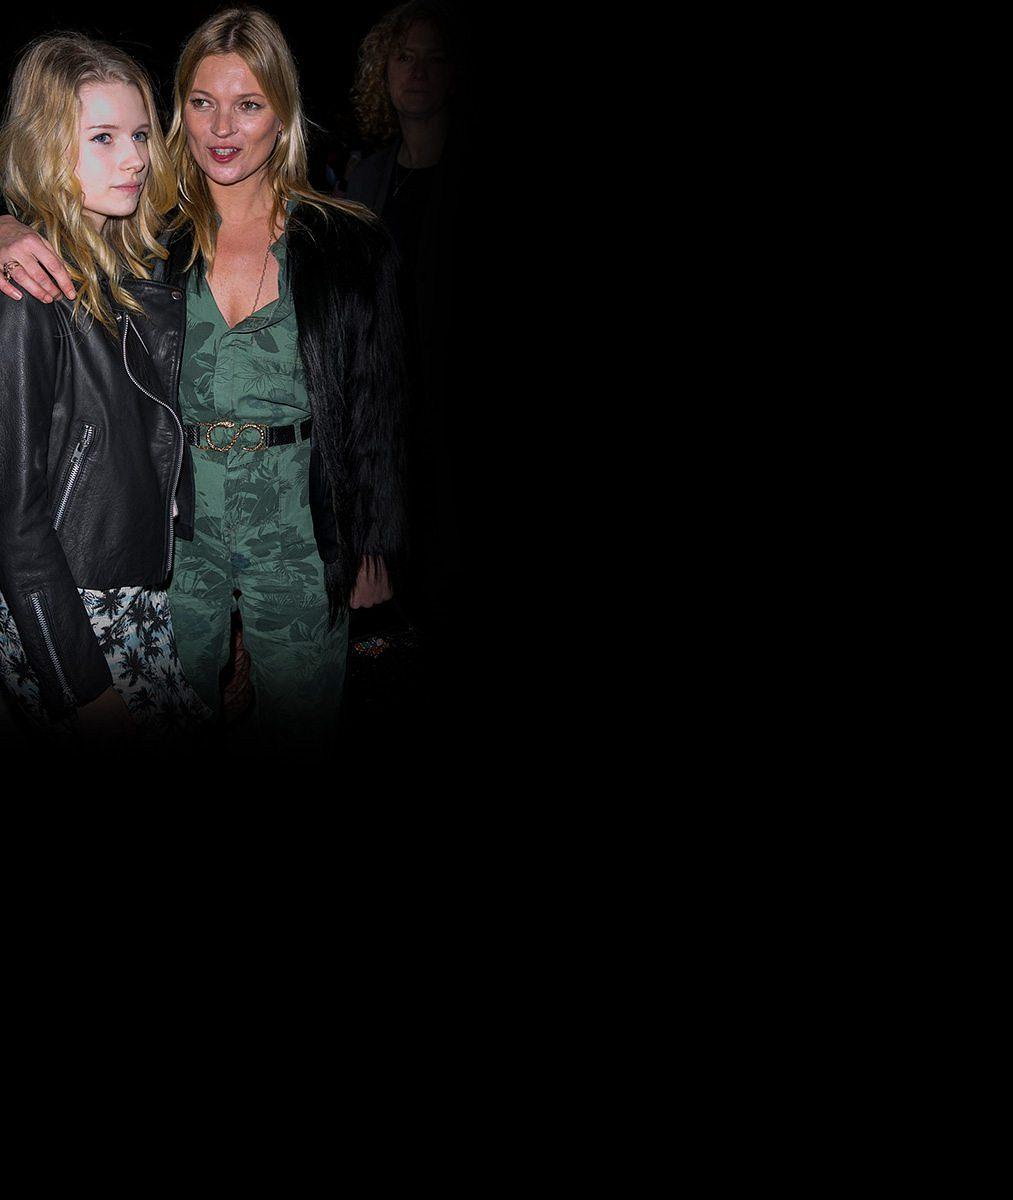 Mladičká ségra Kate Moss vystrkuje růžky: S pohledem plaché laně se natáčí v průsvitné podprsence